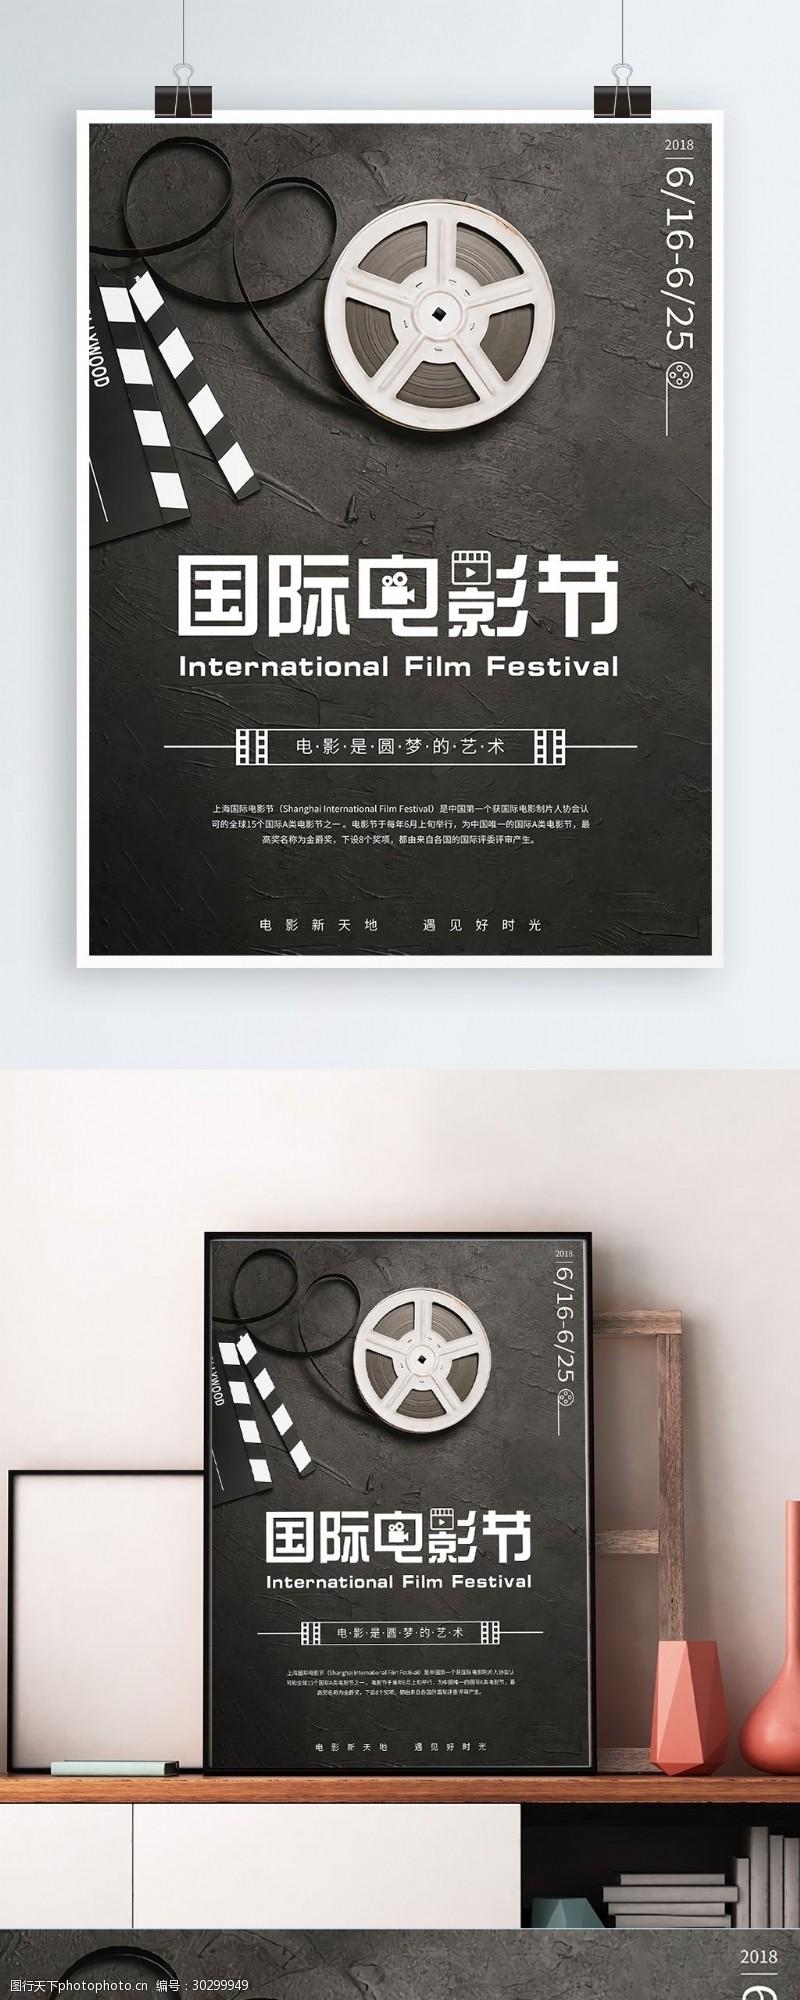 上海电影节上海国际电影节宣传海报